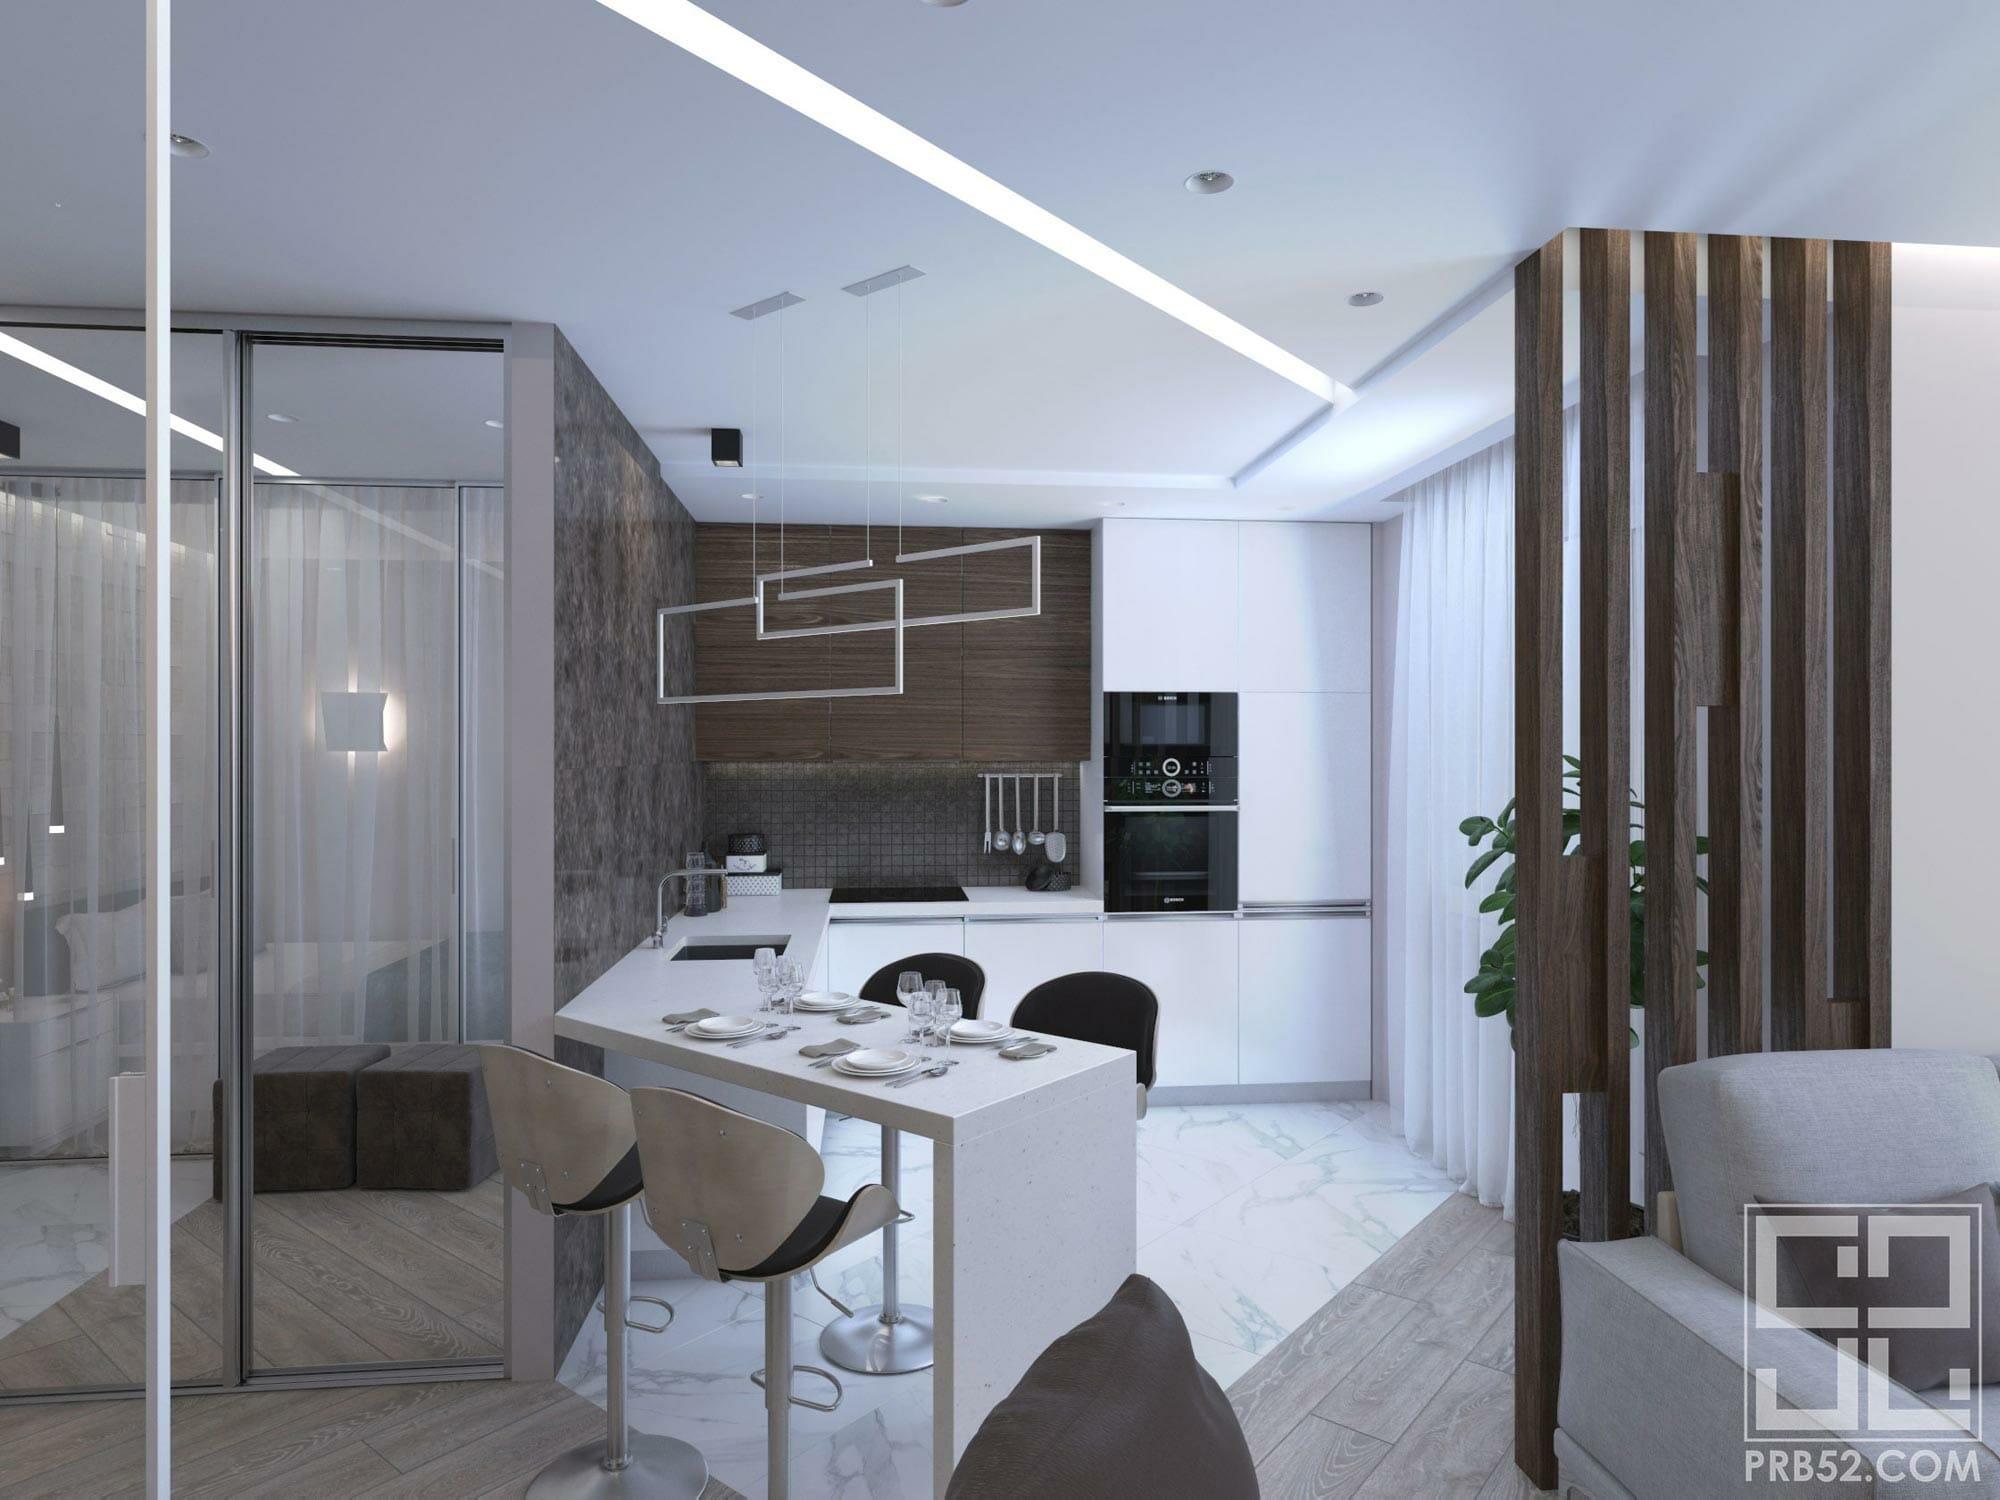 дизайн интерьера современной кухни в студии с барной стойкой